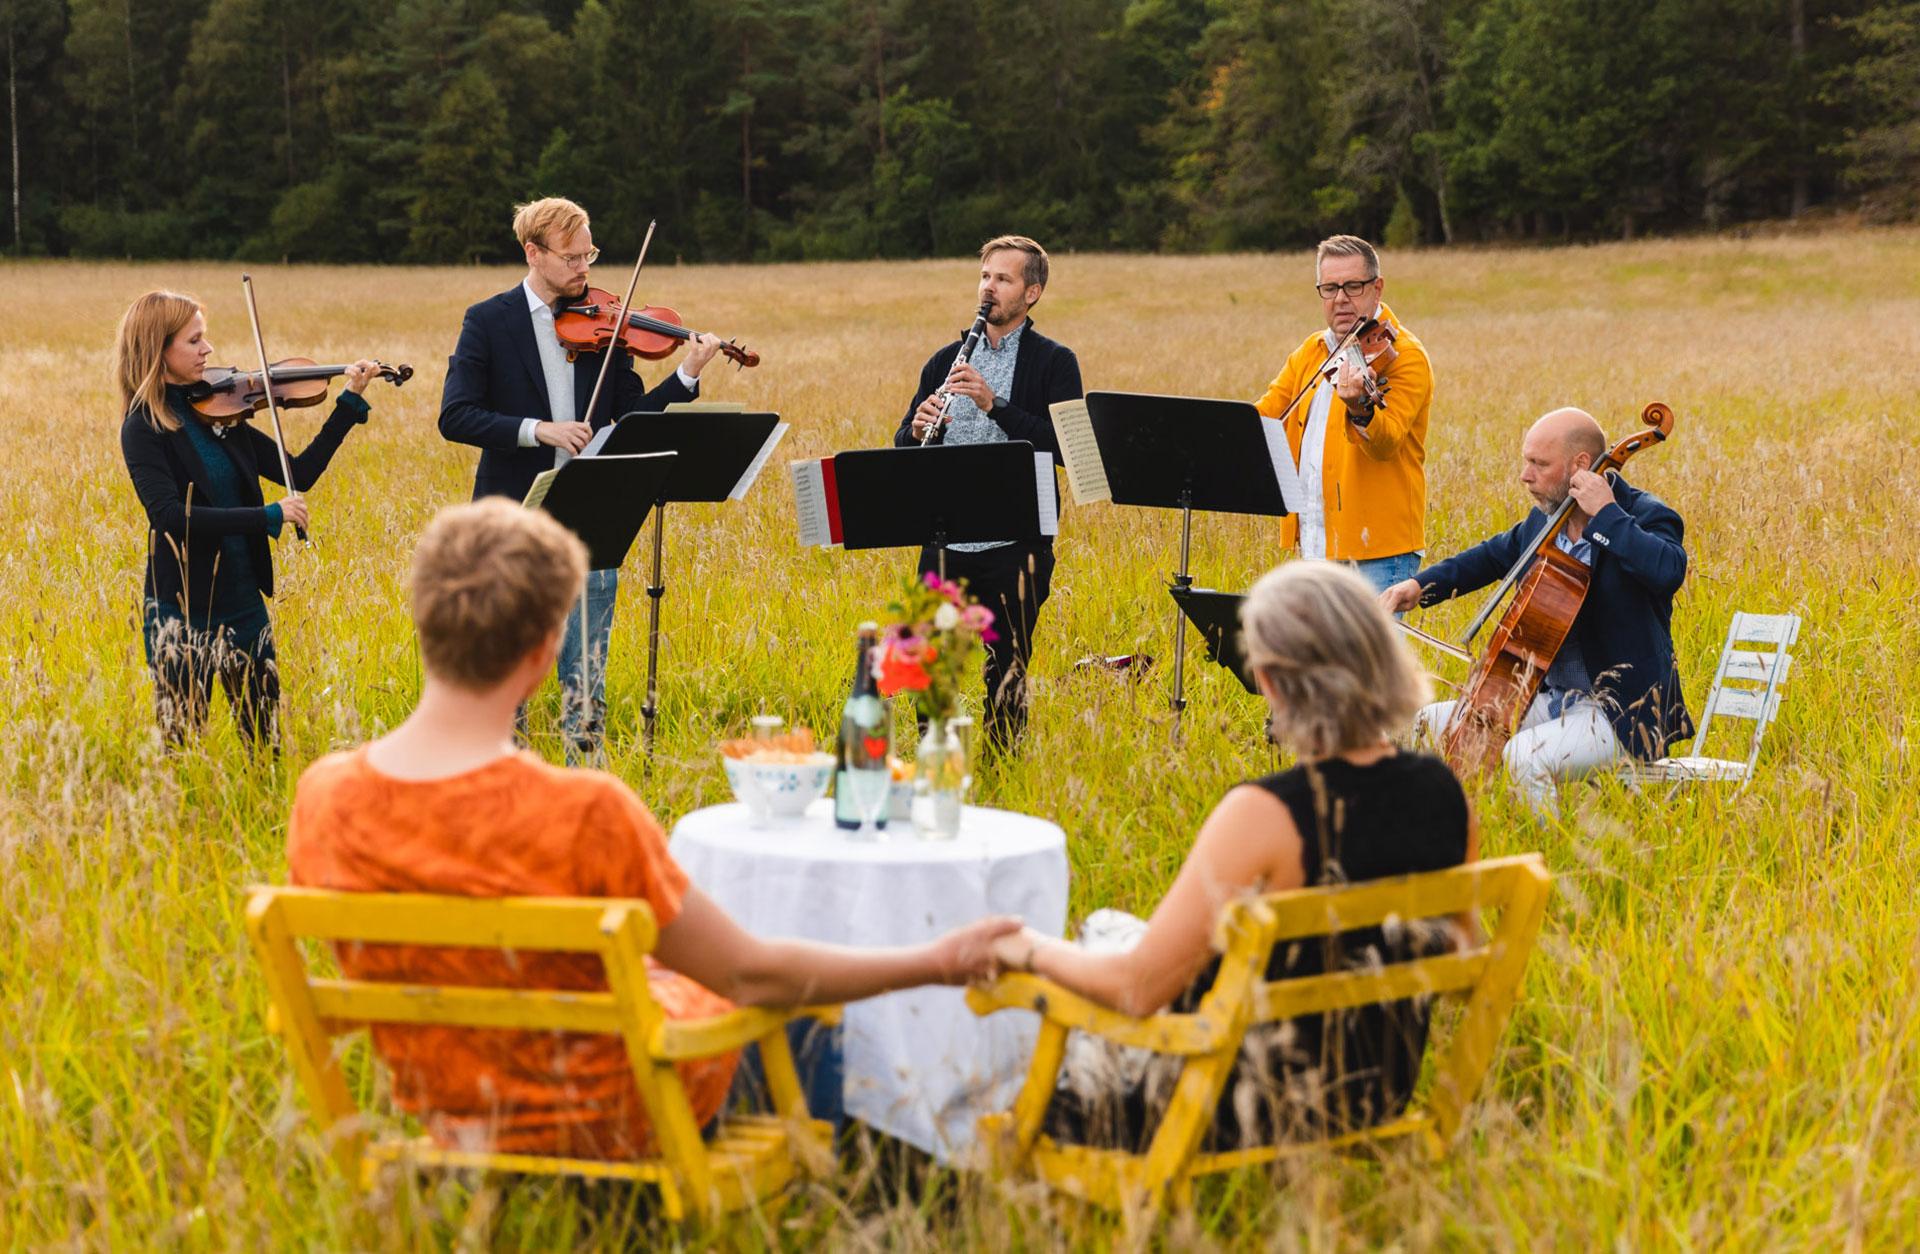 En stråkkvintett spelar i gröngräset framför två personer som sitter och lyssnar.